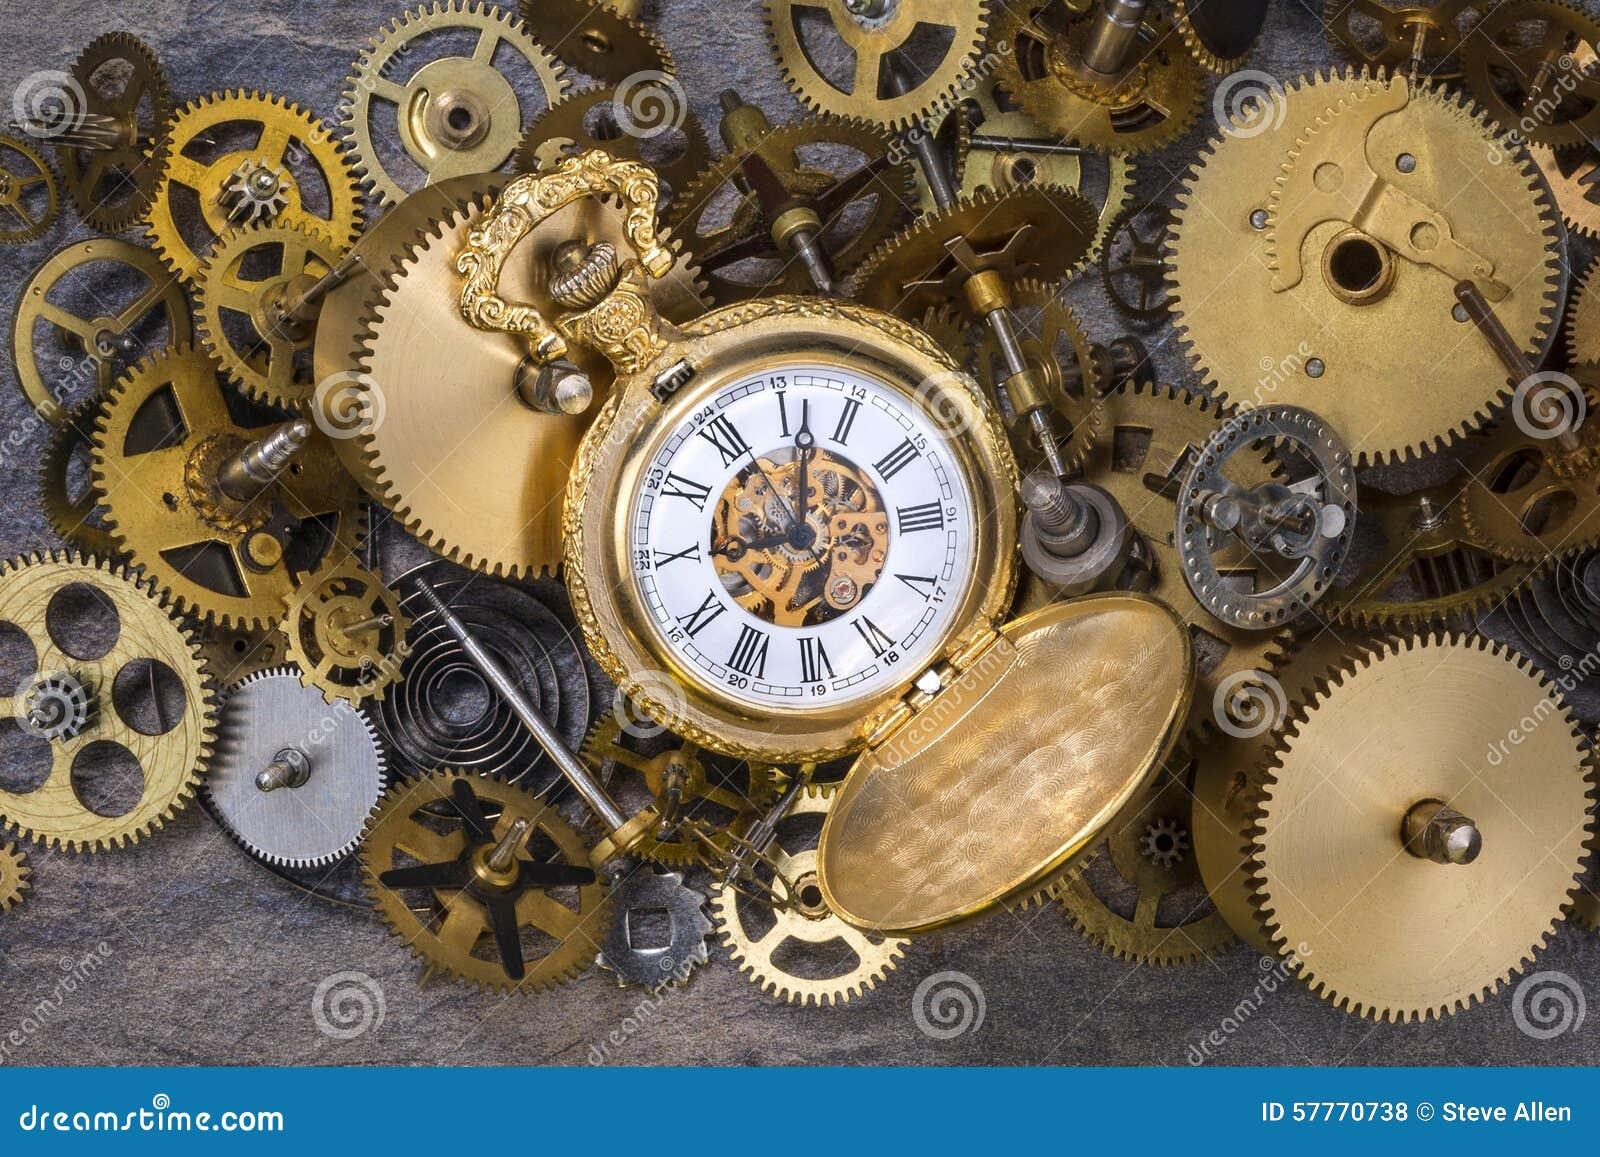 Relógio de bolso e peças velhas do pulso de disparo - rodas denteadas, engrenagens, rodas